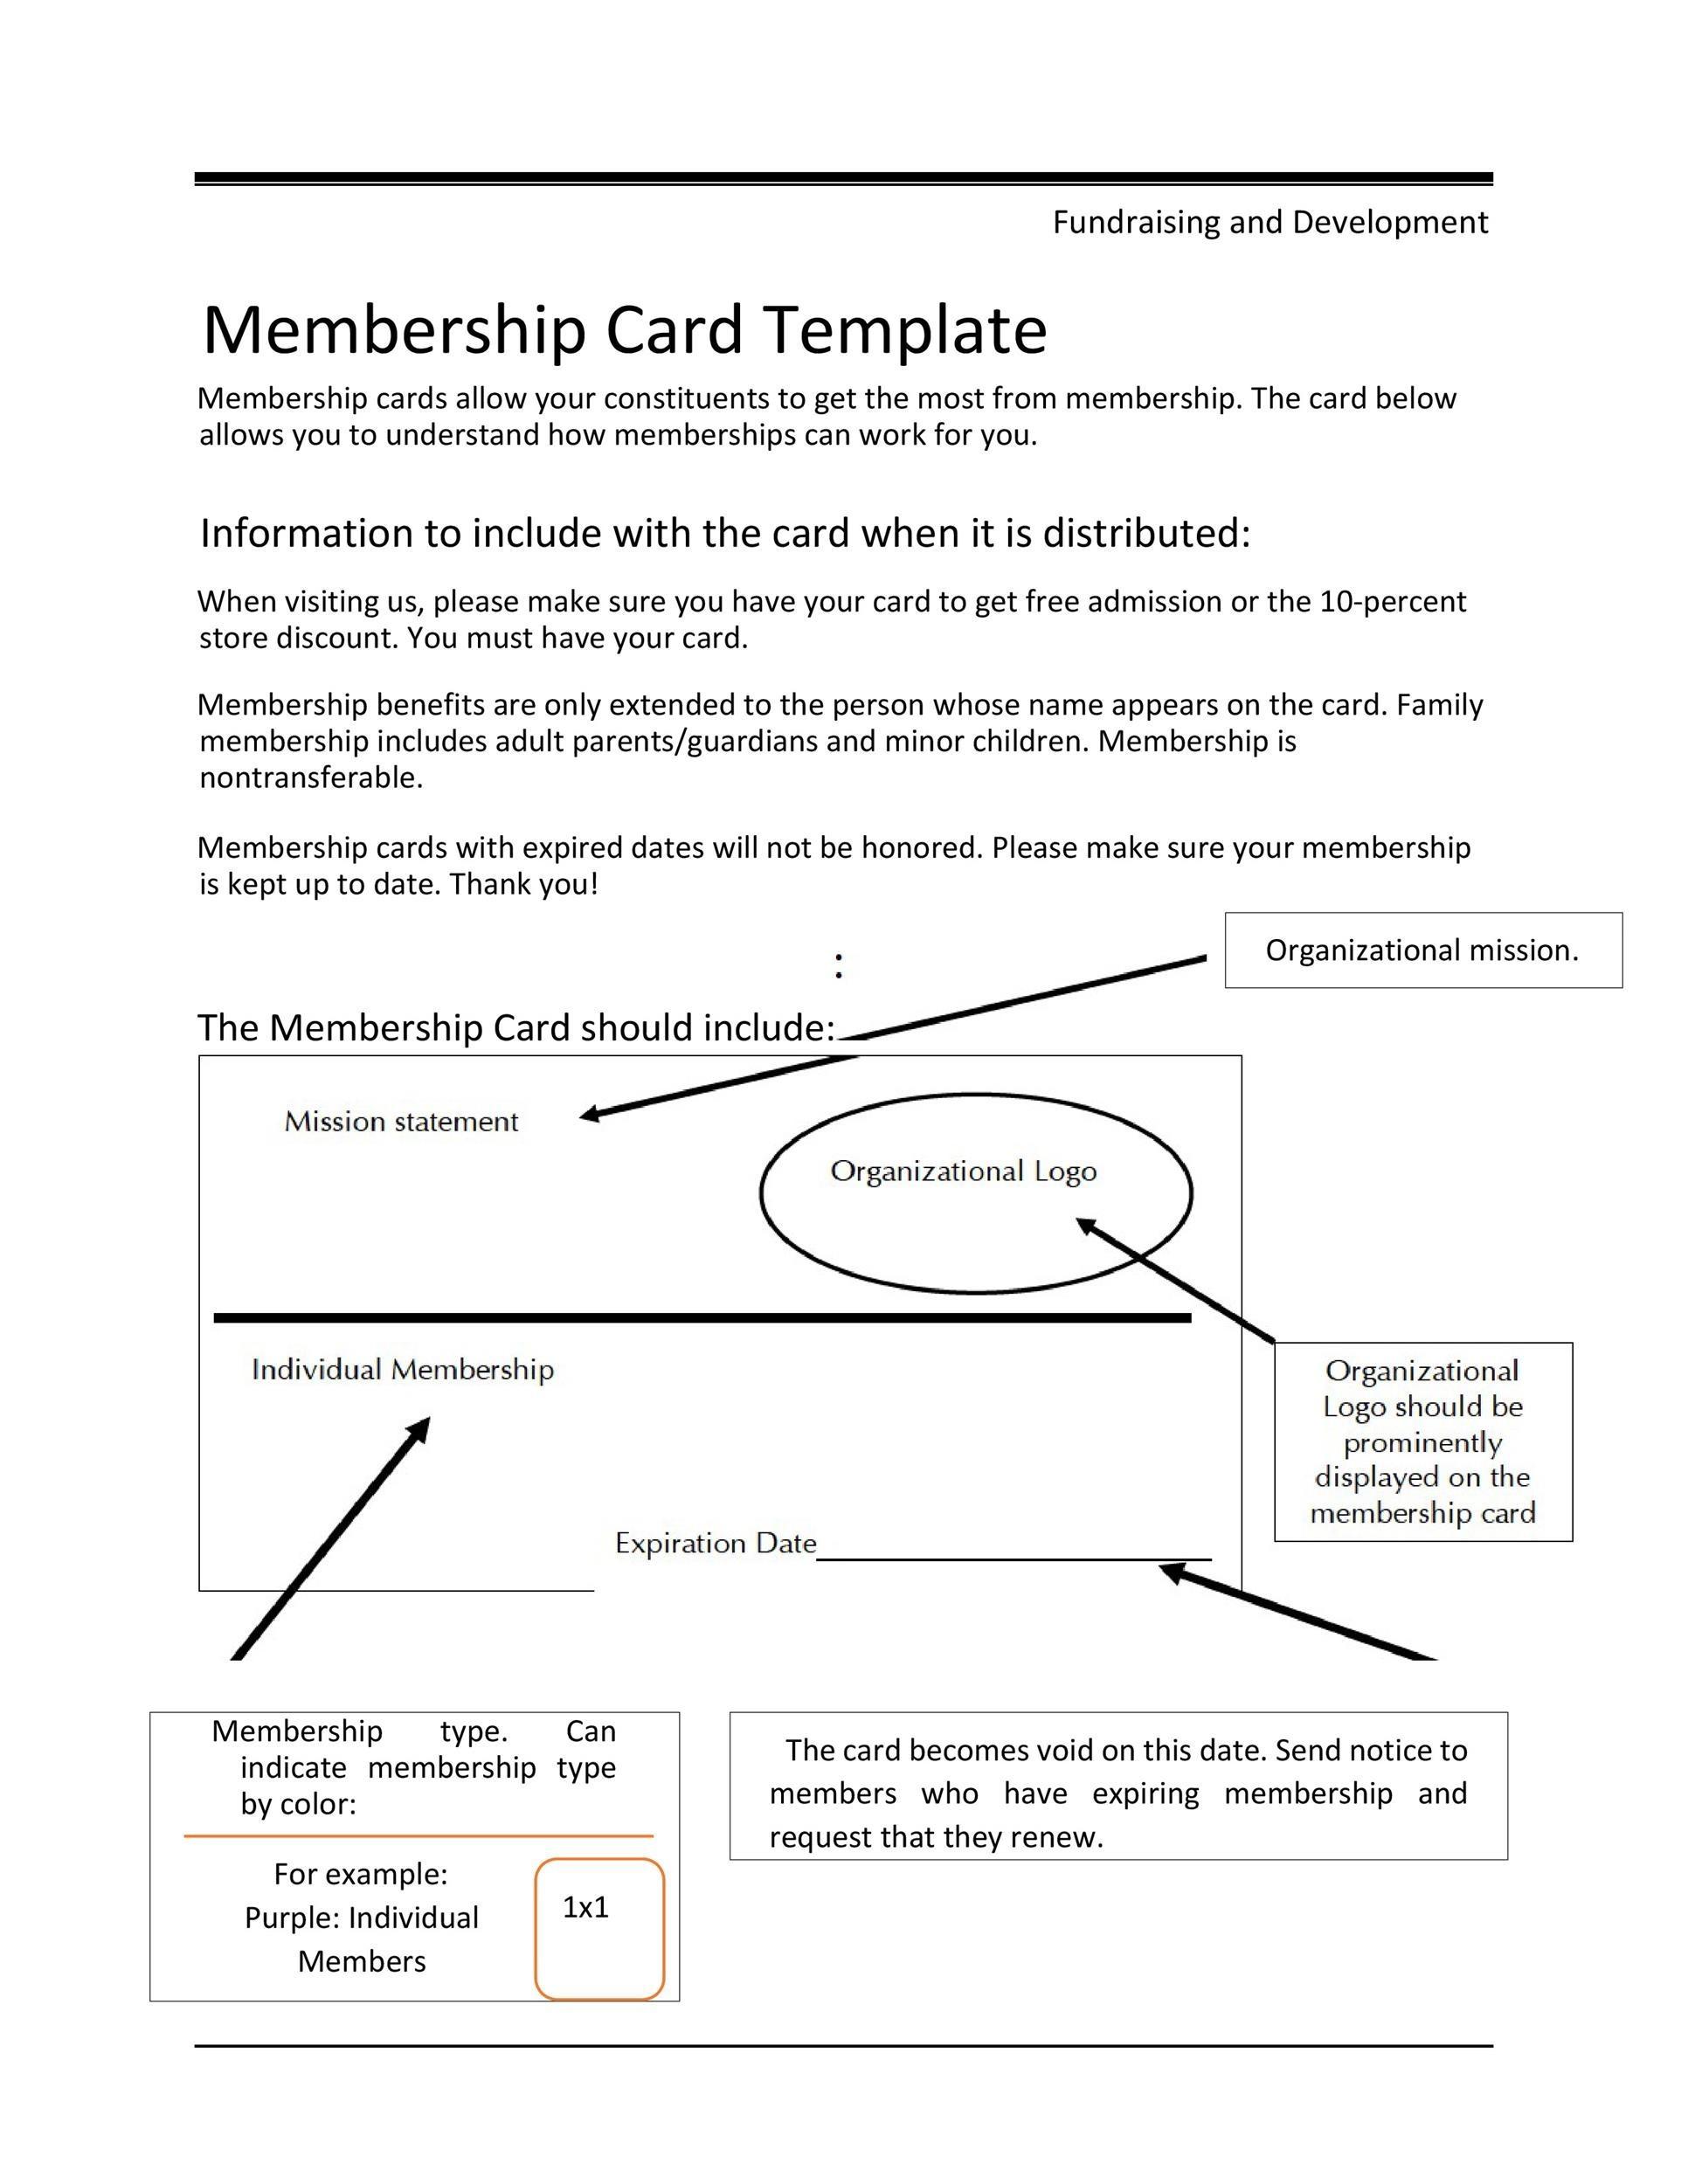 Free Membership Card Design Template 06